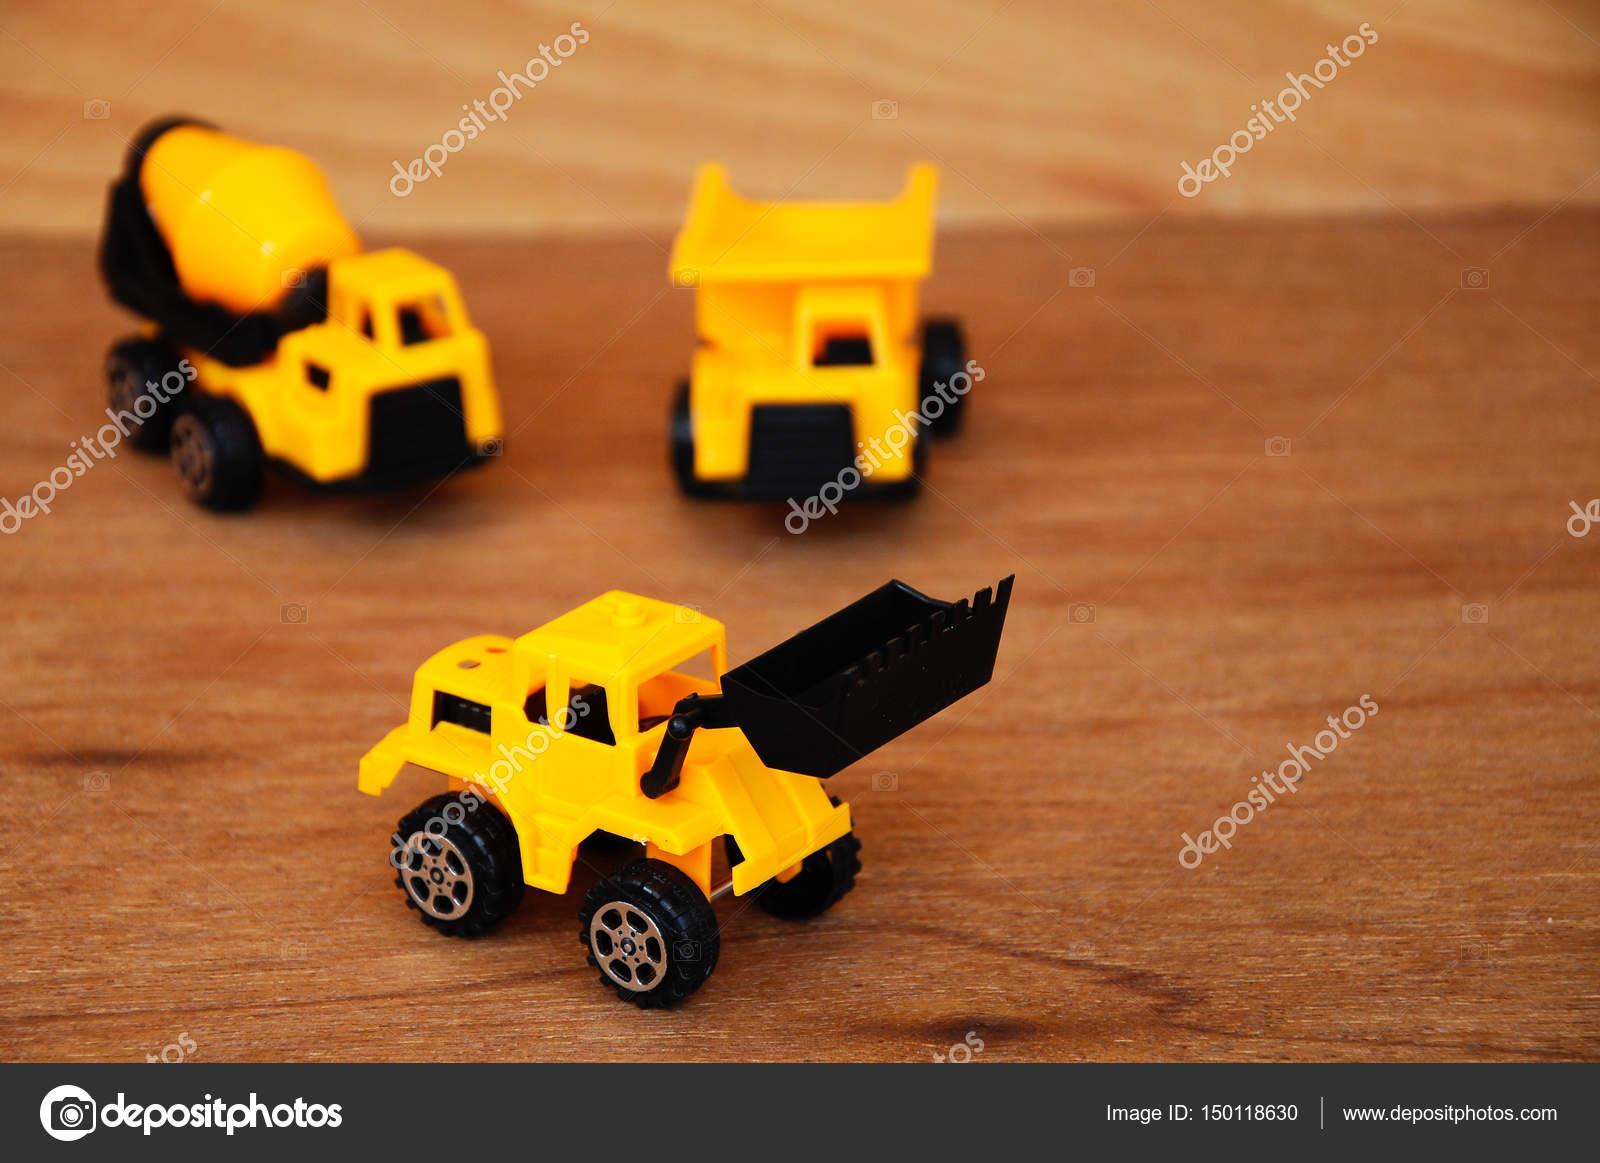 Pesada De Carga JuguetesGrupo Camiones Juguete La Máquina Rj43LqA5